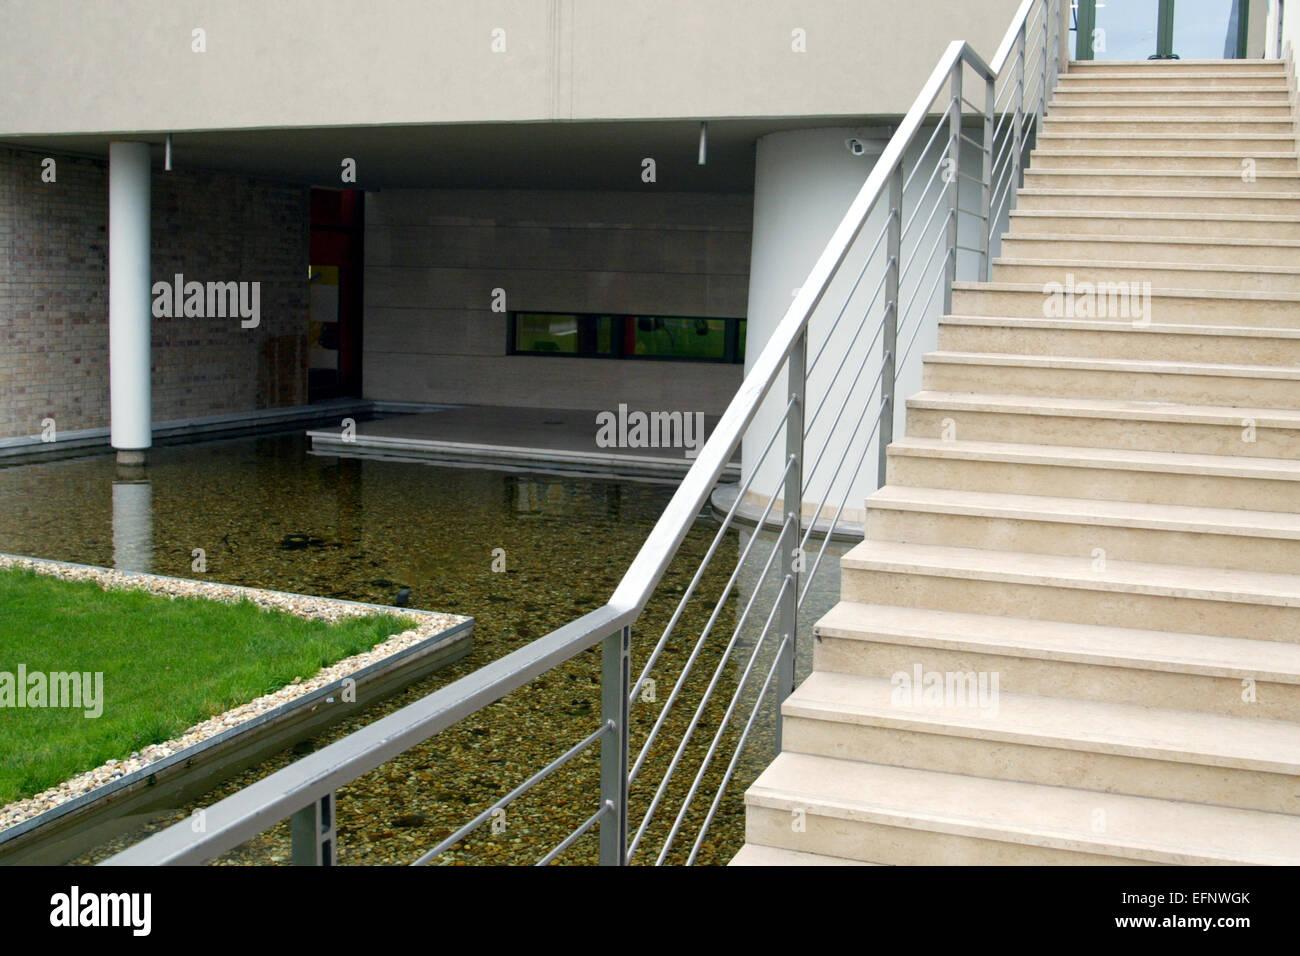 Erstaunlich Moderne Treppen Galerie Von Architektur-moderne Treppe Gelaender Aussen Wasser Rasen Konzept